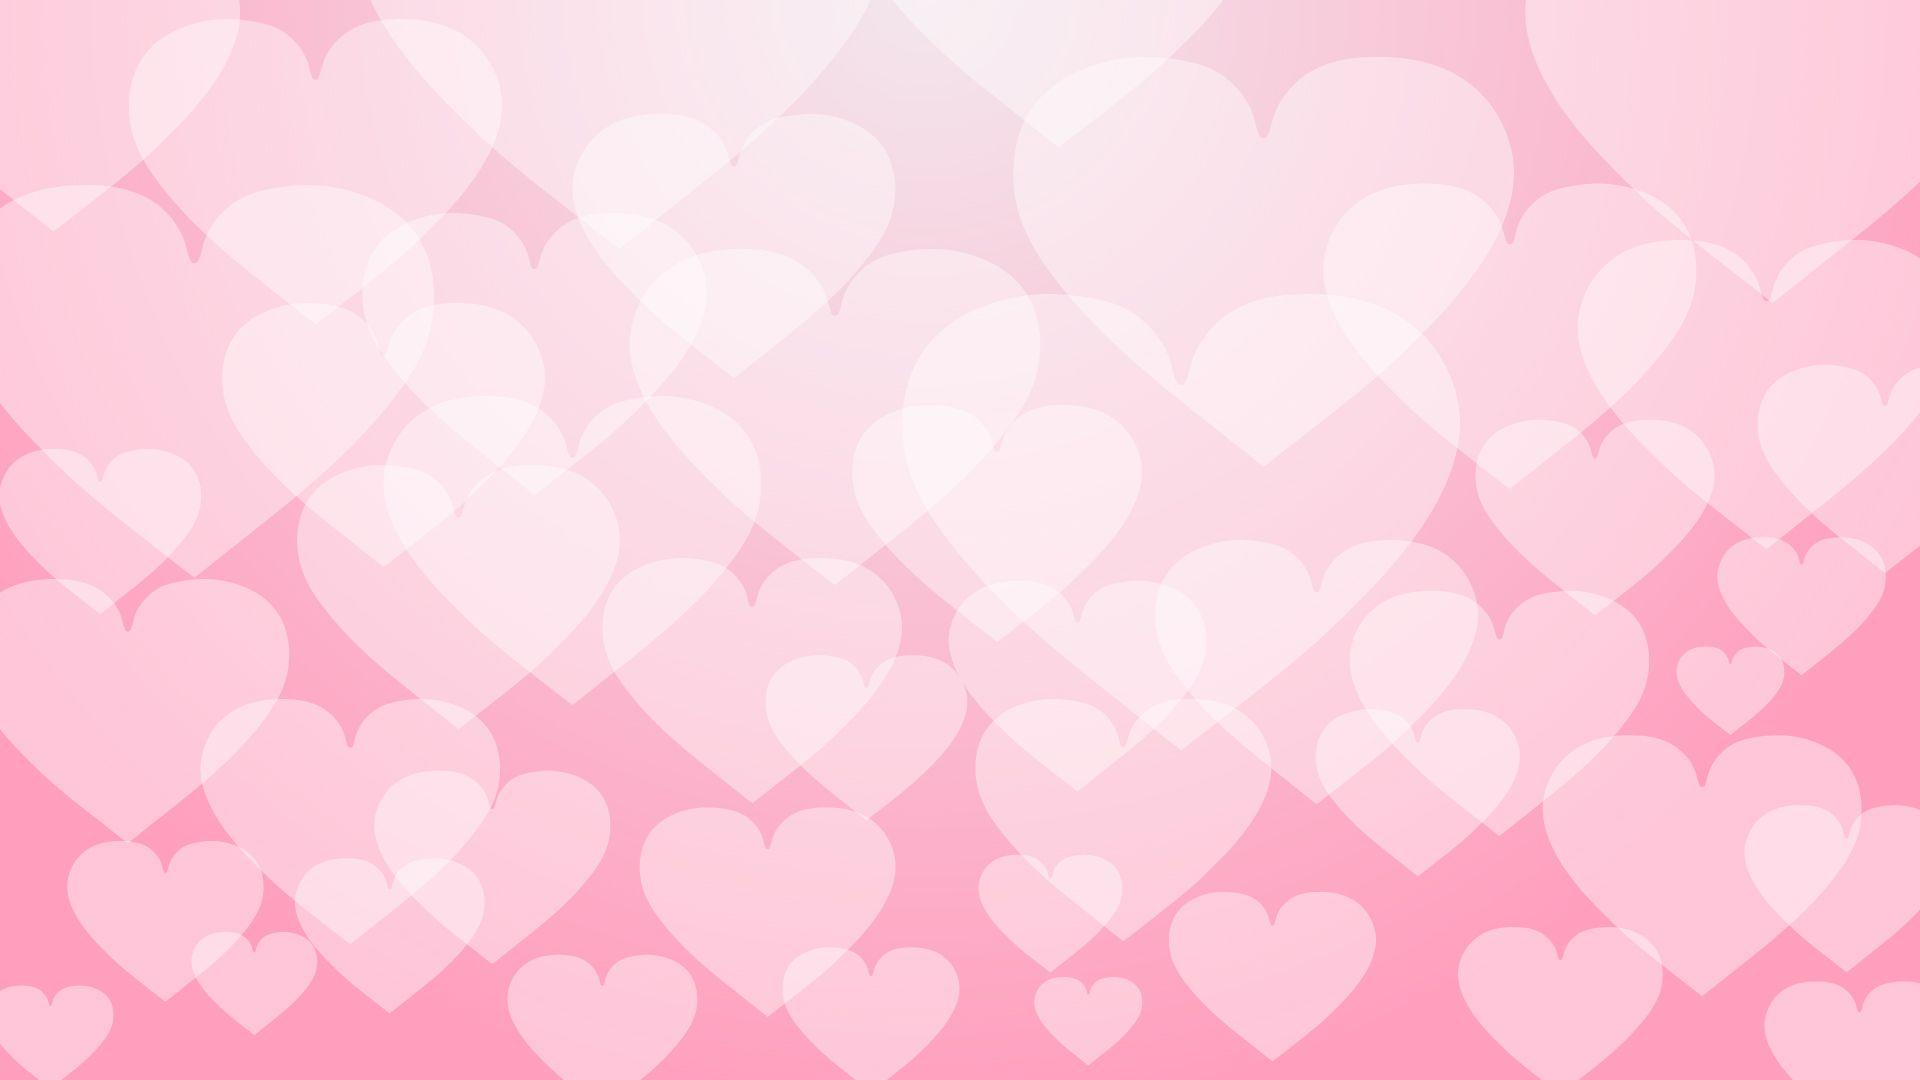 ハートマーク 恋 桃色系 Love イラスト 壁紙 背景 イメージ 綺麗な